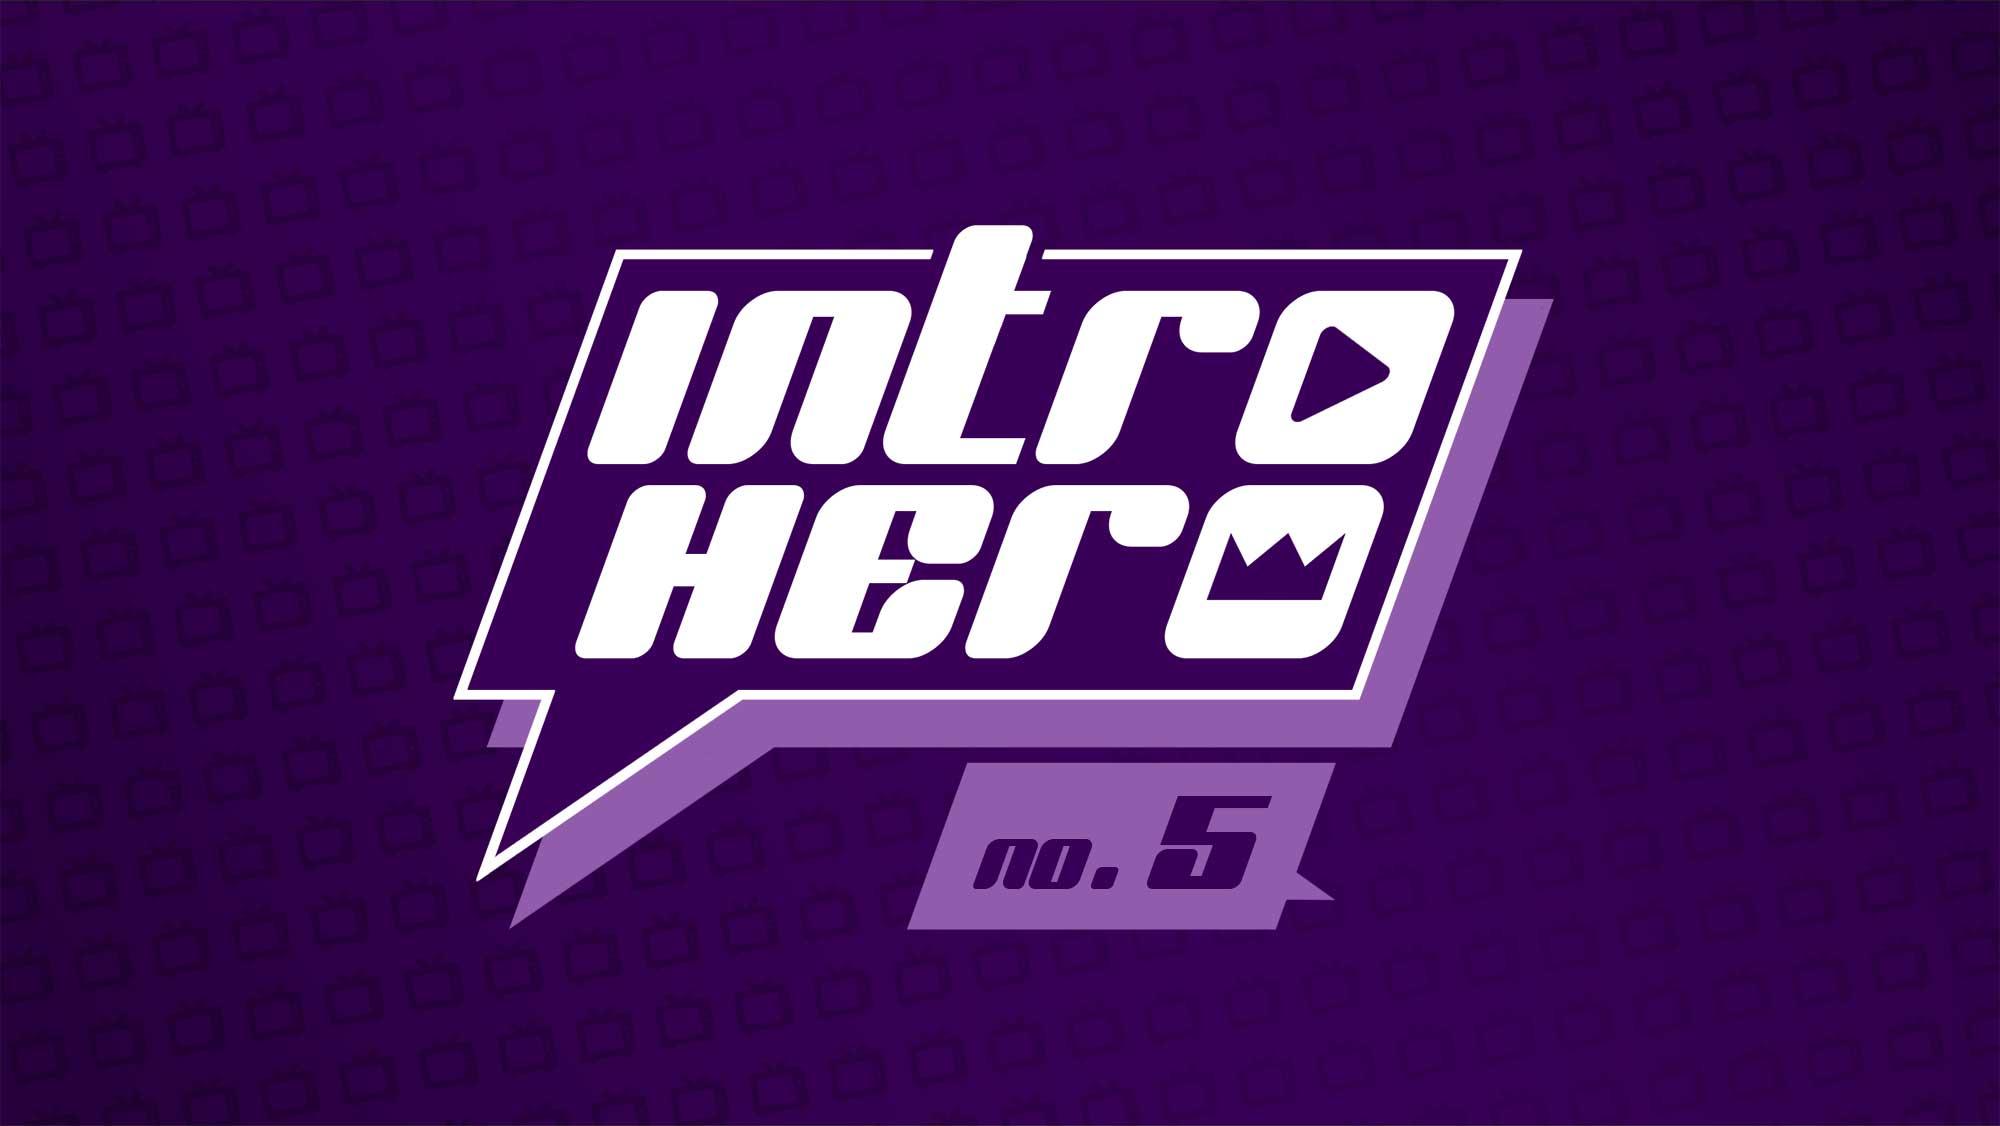 INTRO HERO vol. 5: Erkennst du die nacherzählten Serien-Vorspänne?